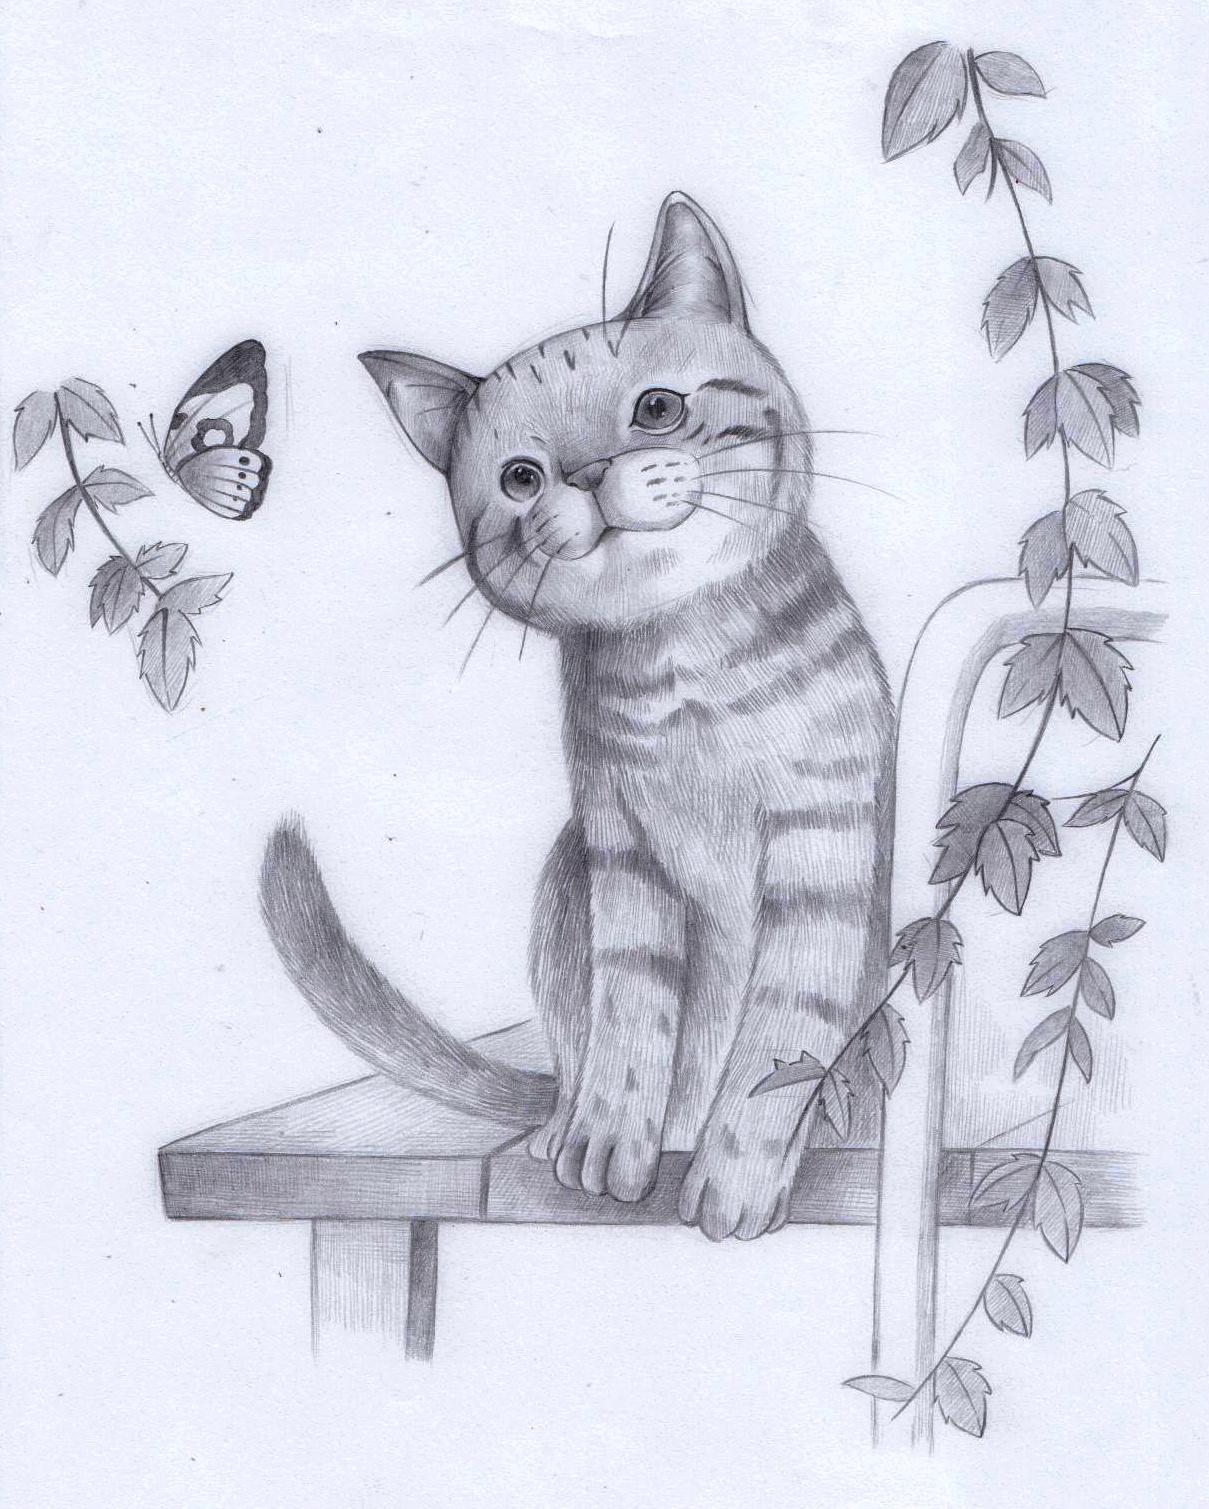 卡通人物素描铅笔画|素描竹子的画法铅笔画|风景素描简单铅笔画|柯南